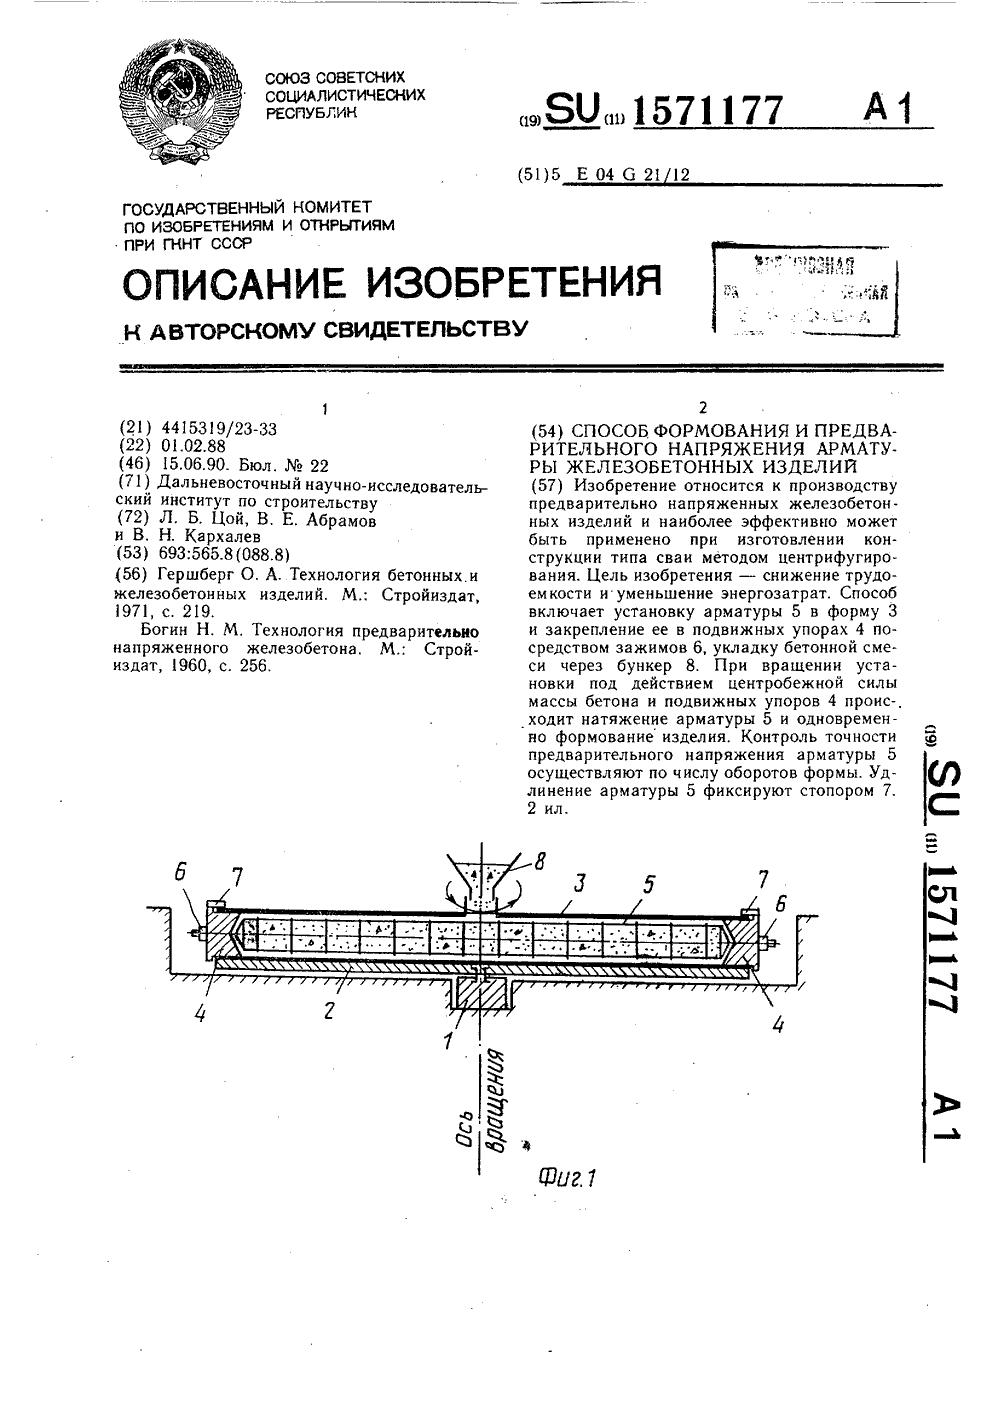 Способы формования железобетонных изделий железобетонный забор панельный